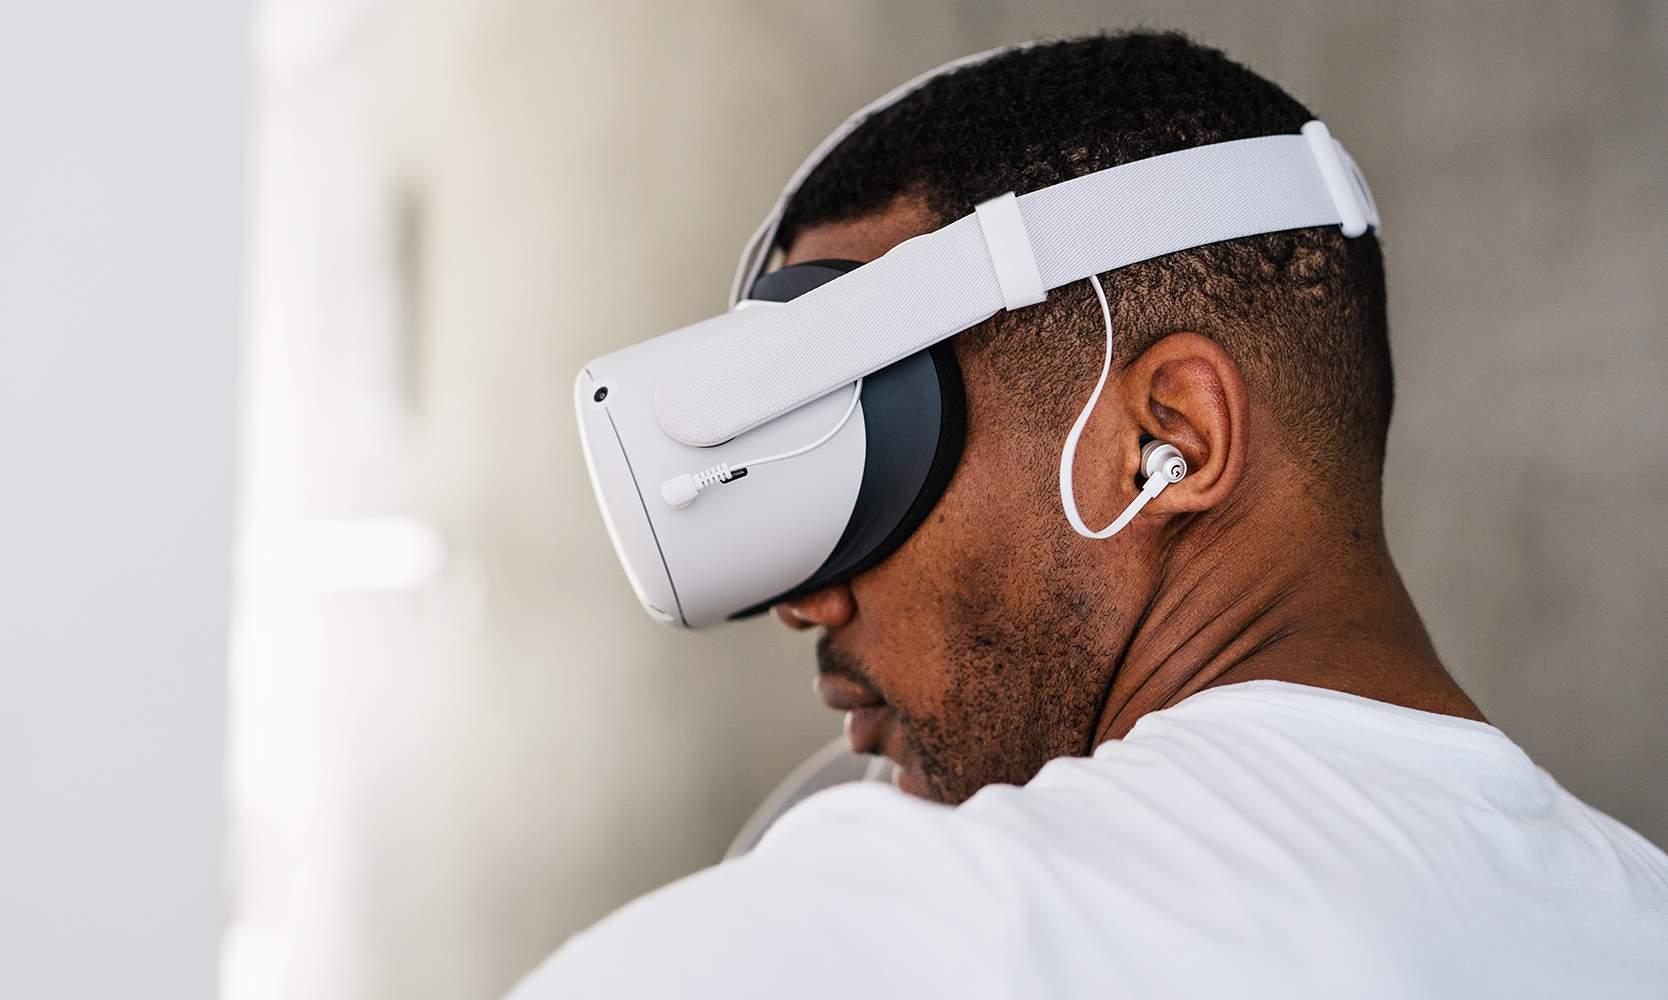 Logitech G: Arrivano le G333 VR e le Logitech G PRO per Oculus Quest 2